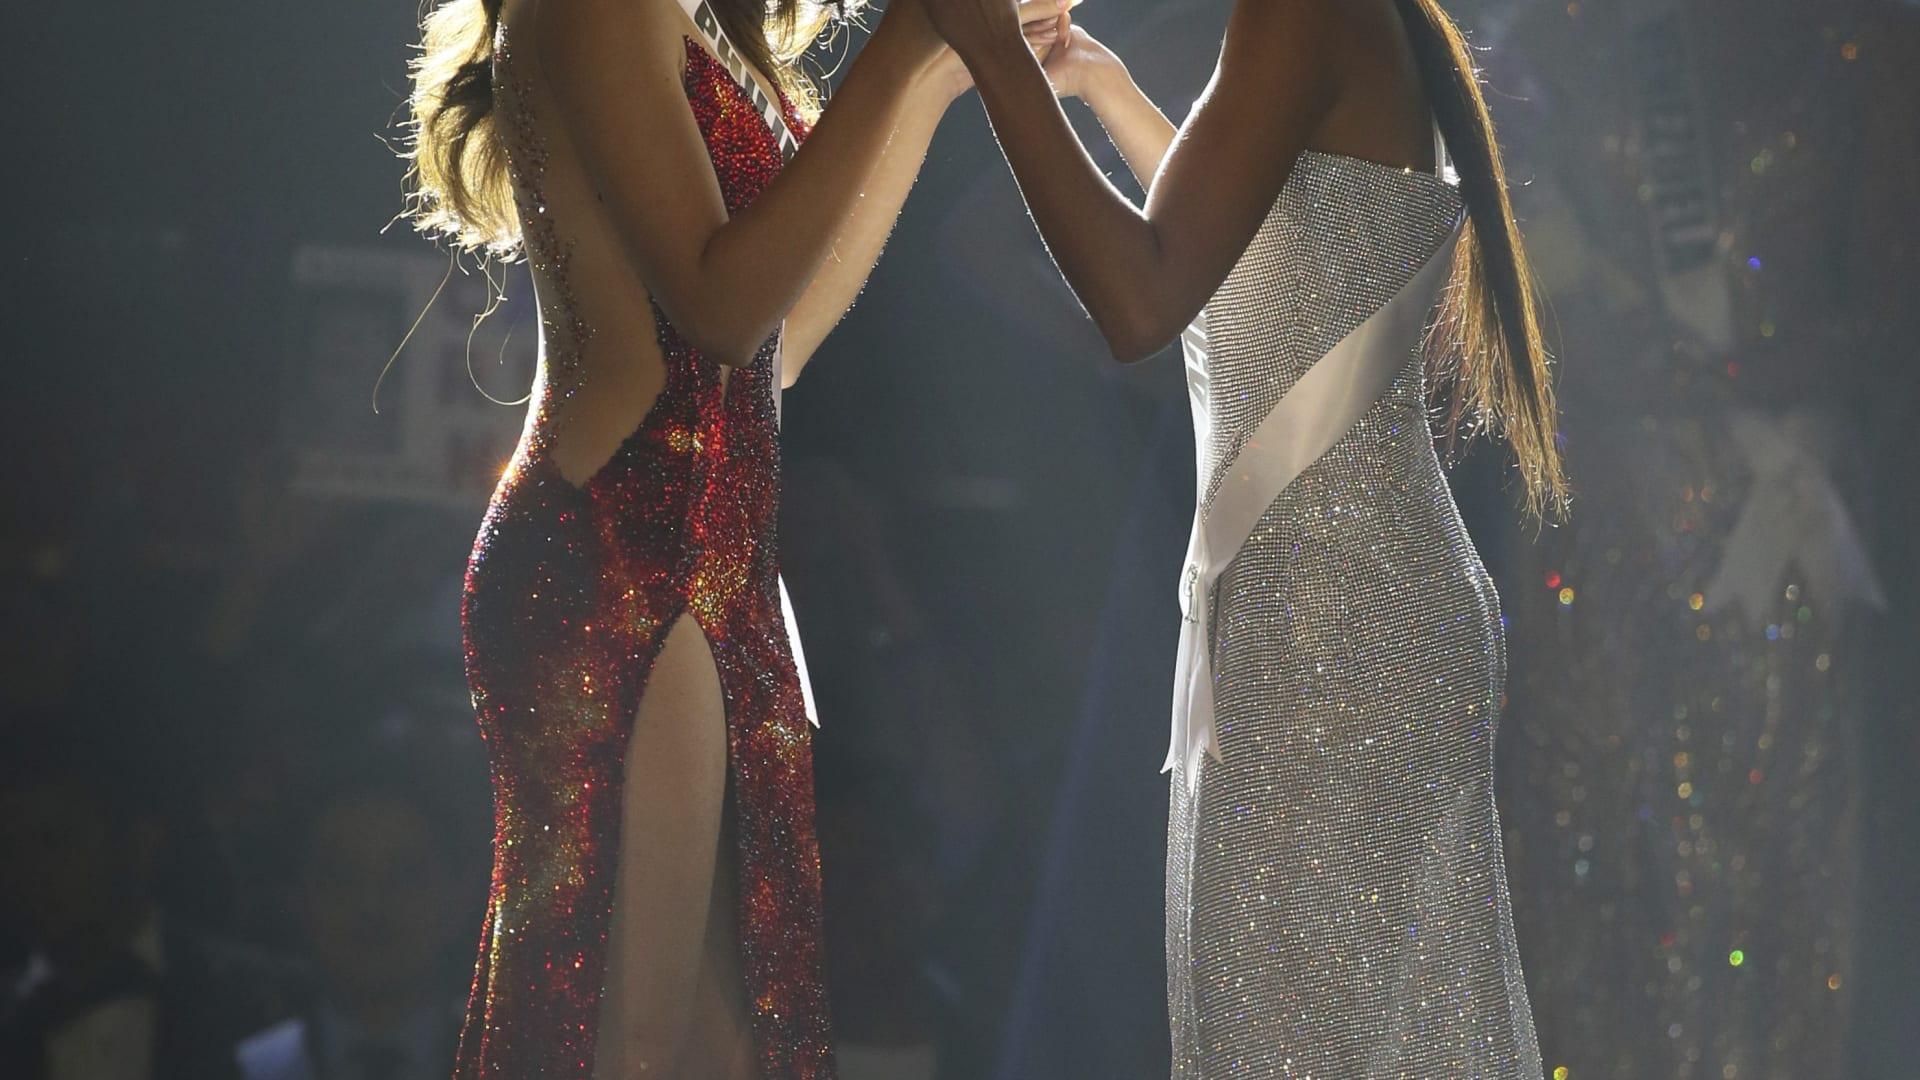 ملكة جمال الفلبين كاتريونا غراي (يسار)، وملكة جمال جنوب أفريقيا، تمارين غرين، تنتظران إعلان النتائج.